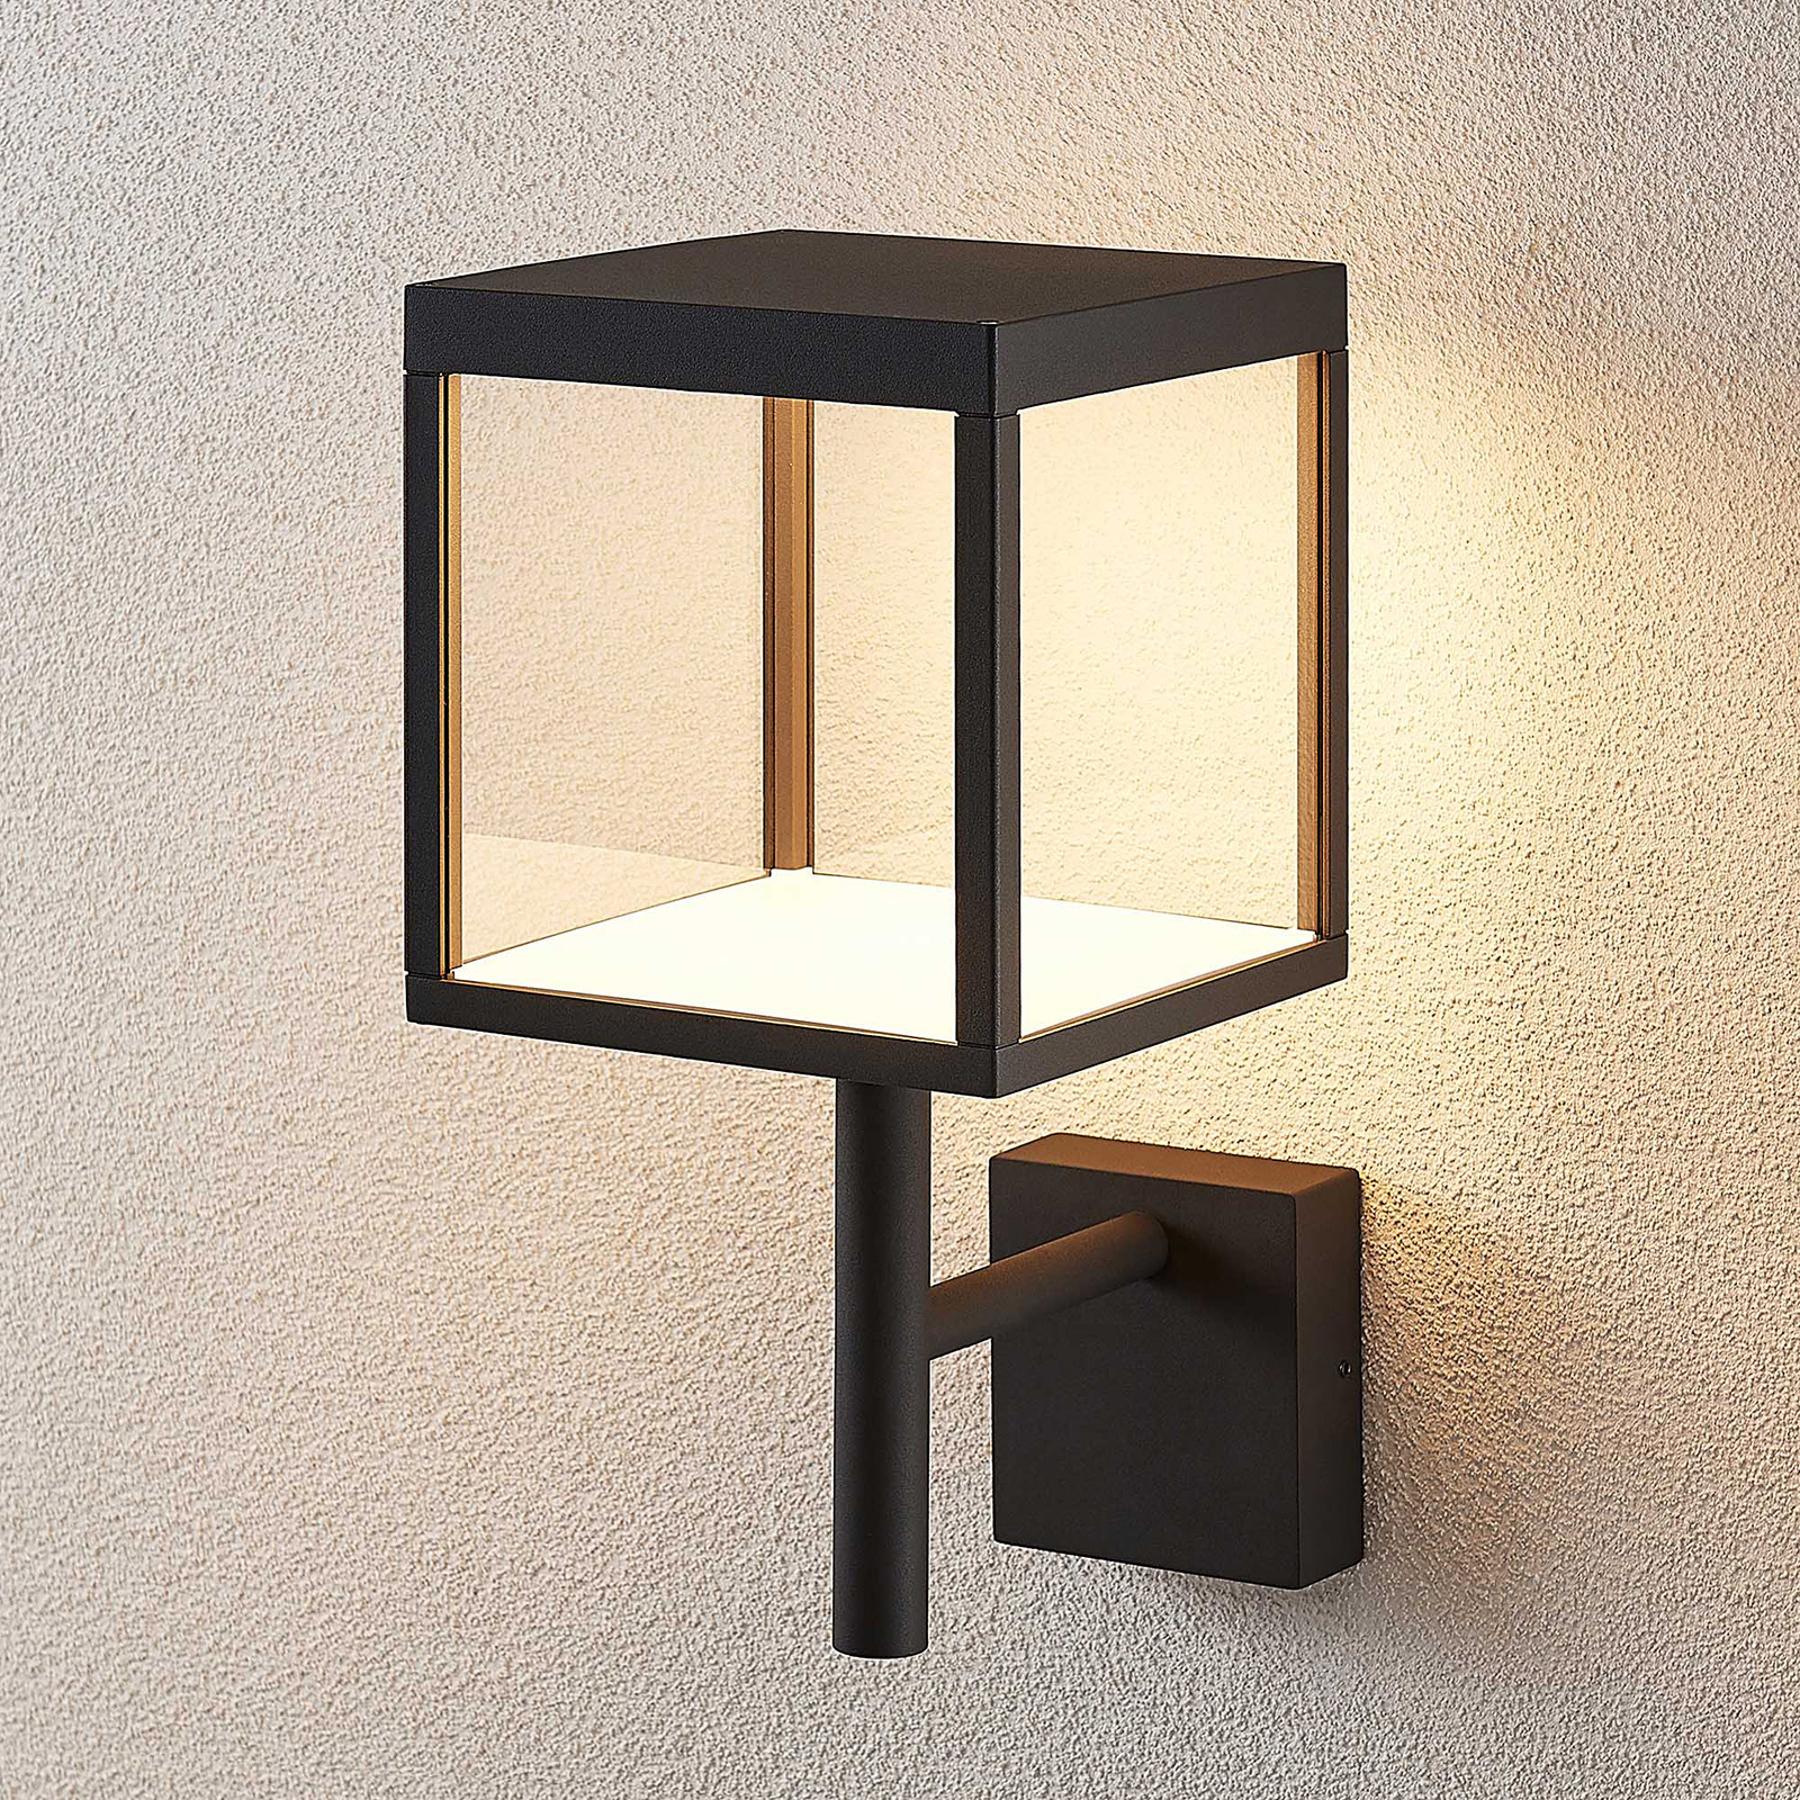 Applique d'extérieur LED Cube, verre, graphite